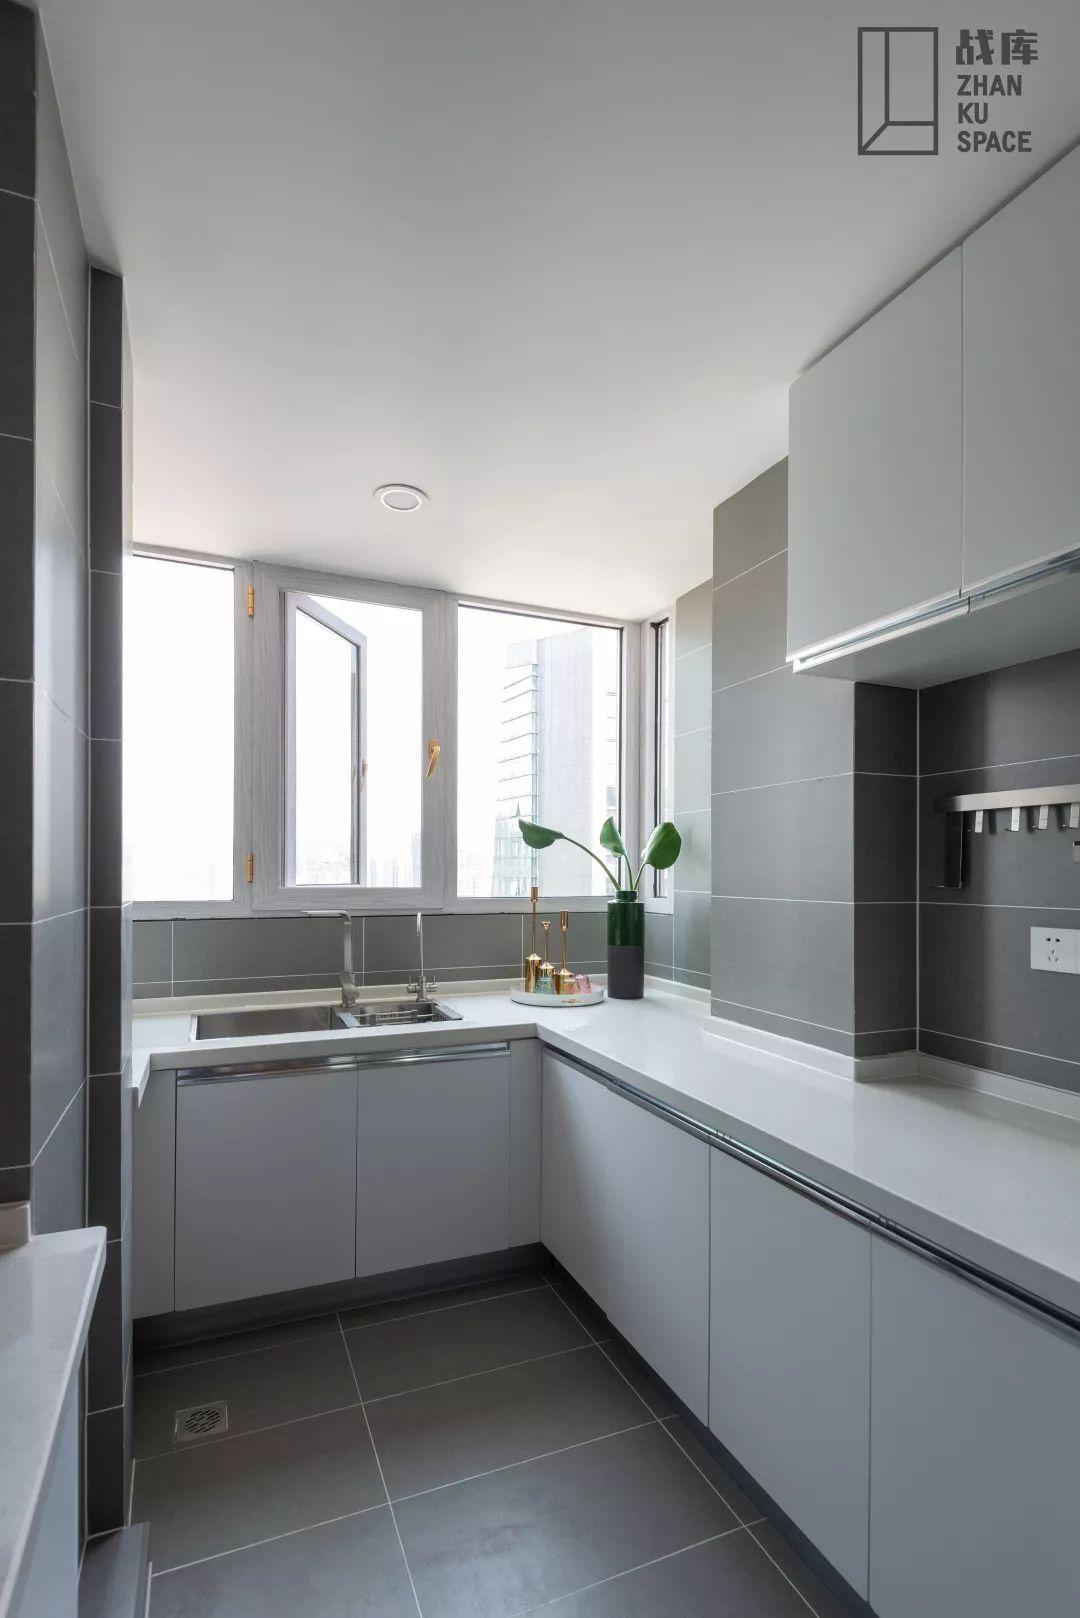 北欧风三居室厨房装修效果图